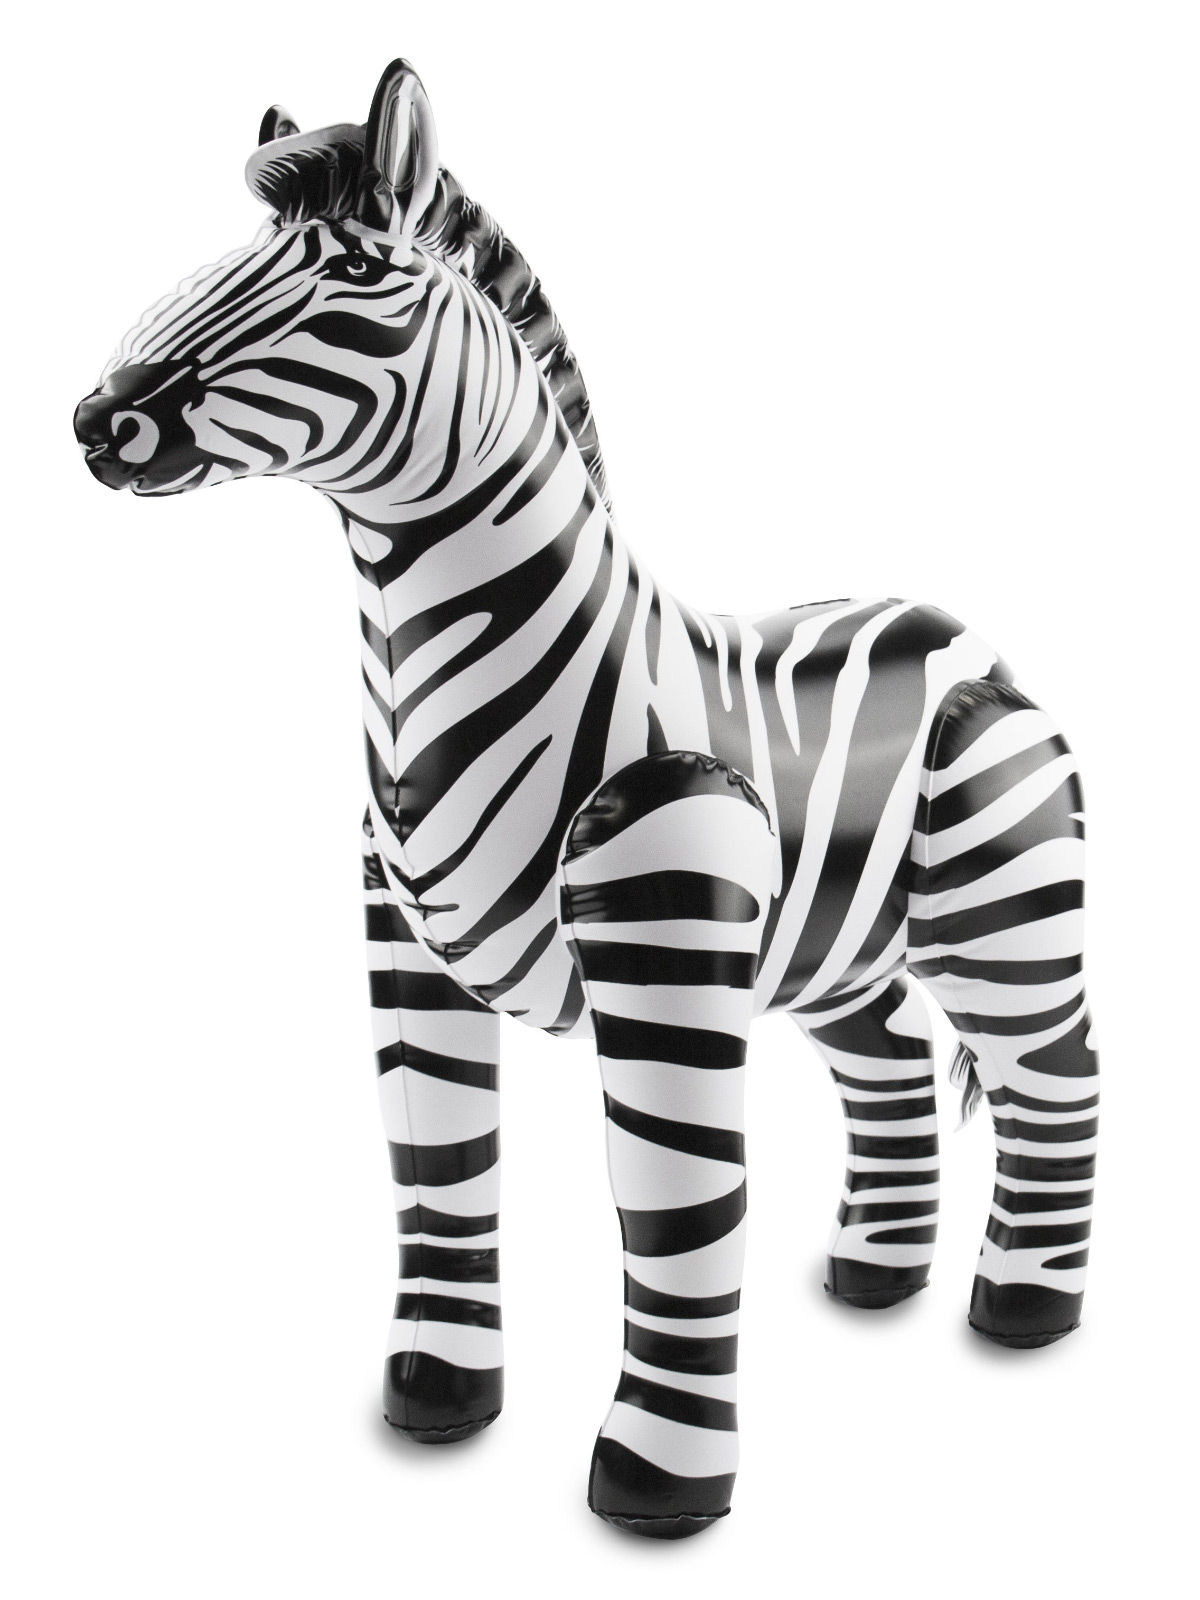 aufblasbares zebra party-deko schwarz-weiss 60x55x25cm , günstige